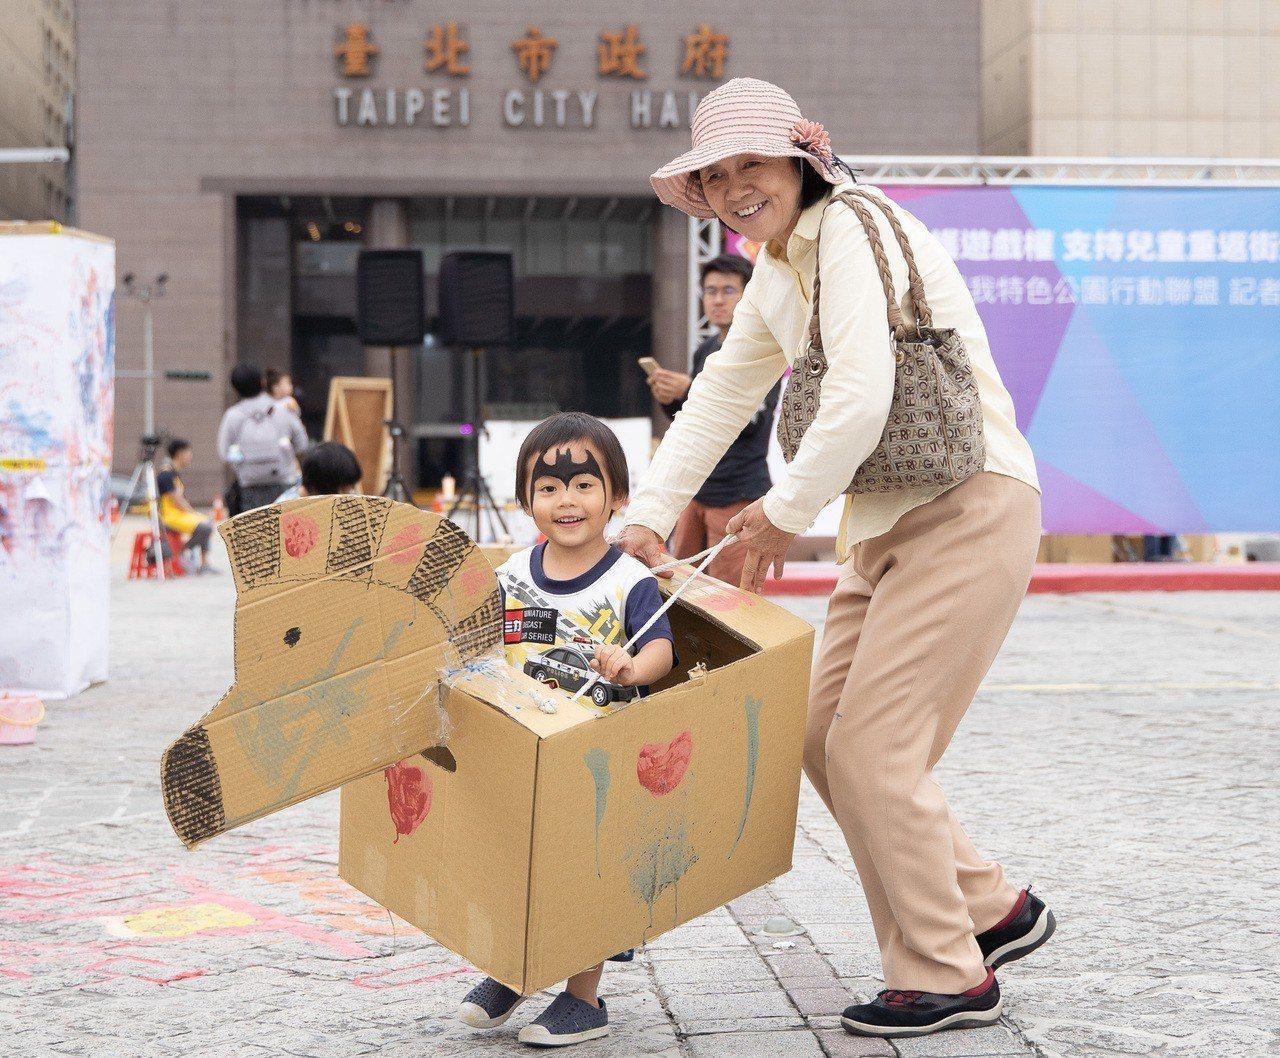 阿嬤和孫子騎紙箱馬車。圖/還我特色公園行動聯盟提供